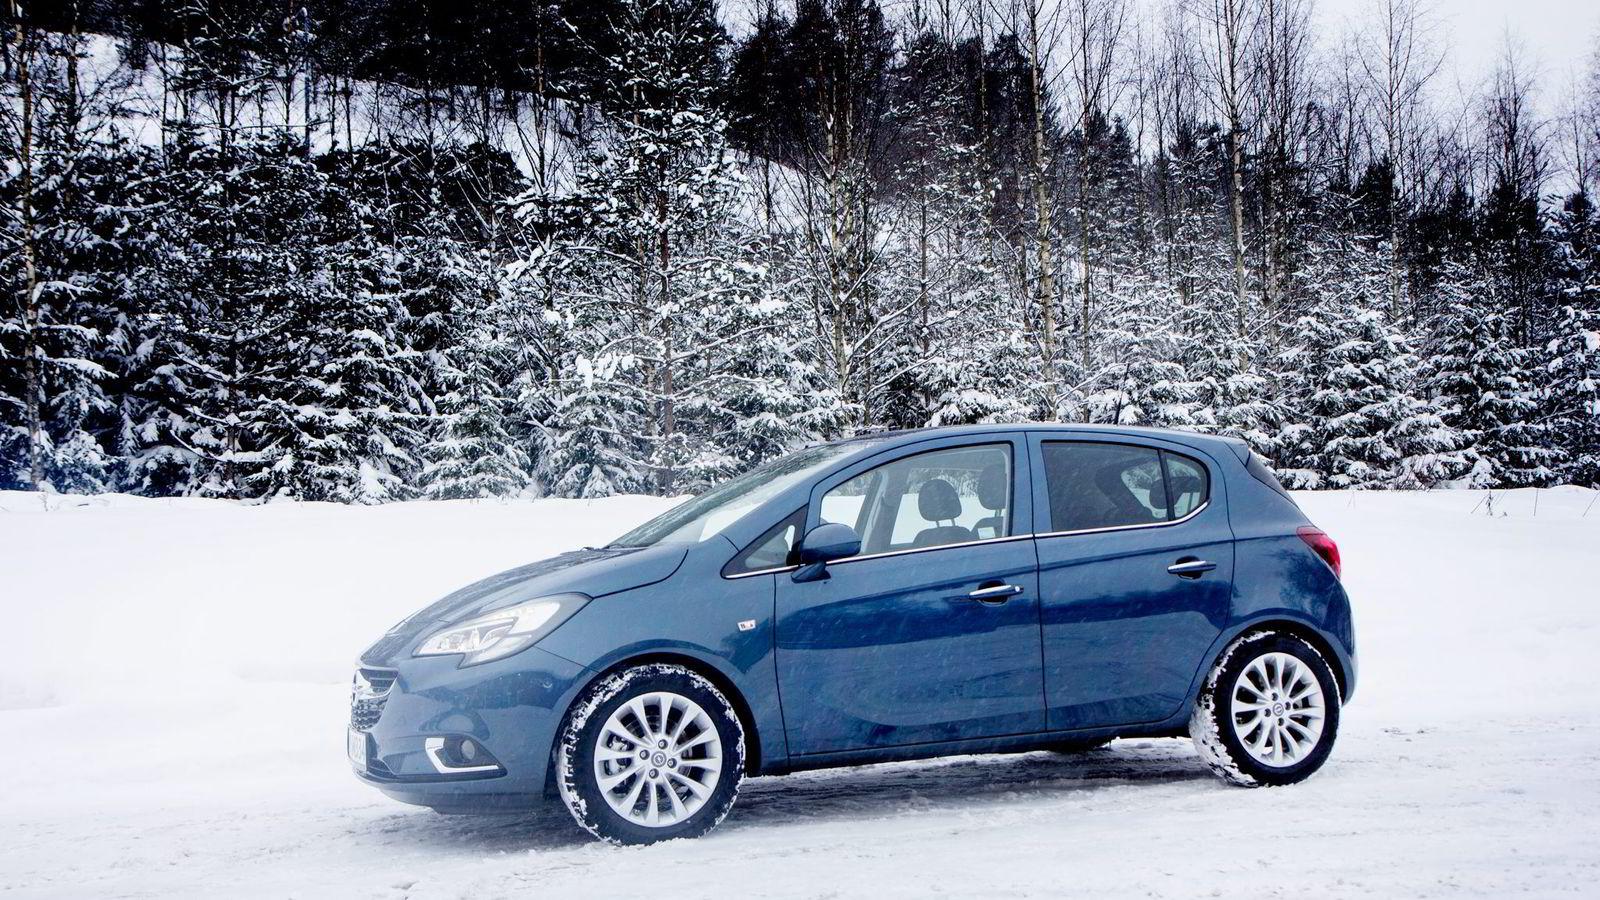 Opel Corsa ble bilen for folk som ikke liker bil. Nå forsøker Opel å forandre den lille bilens image.